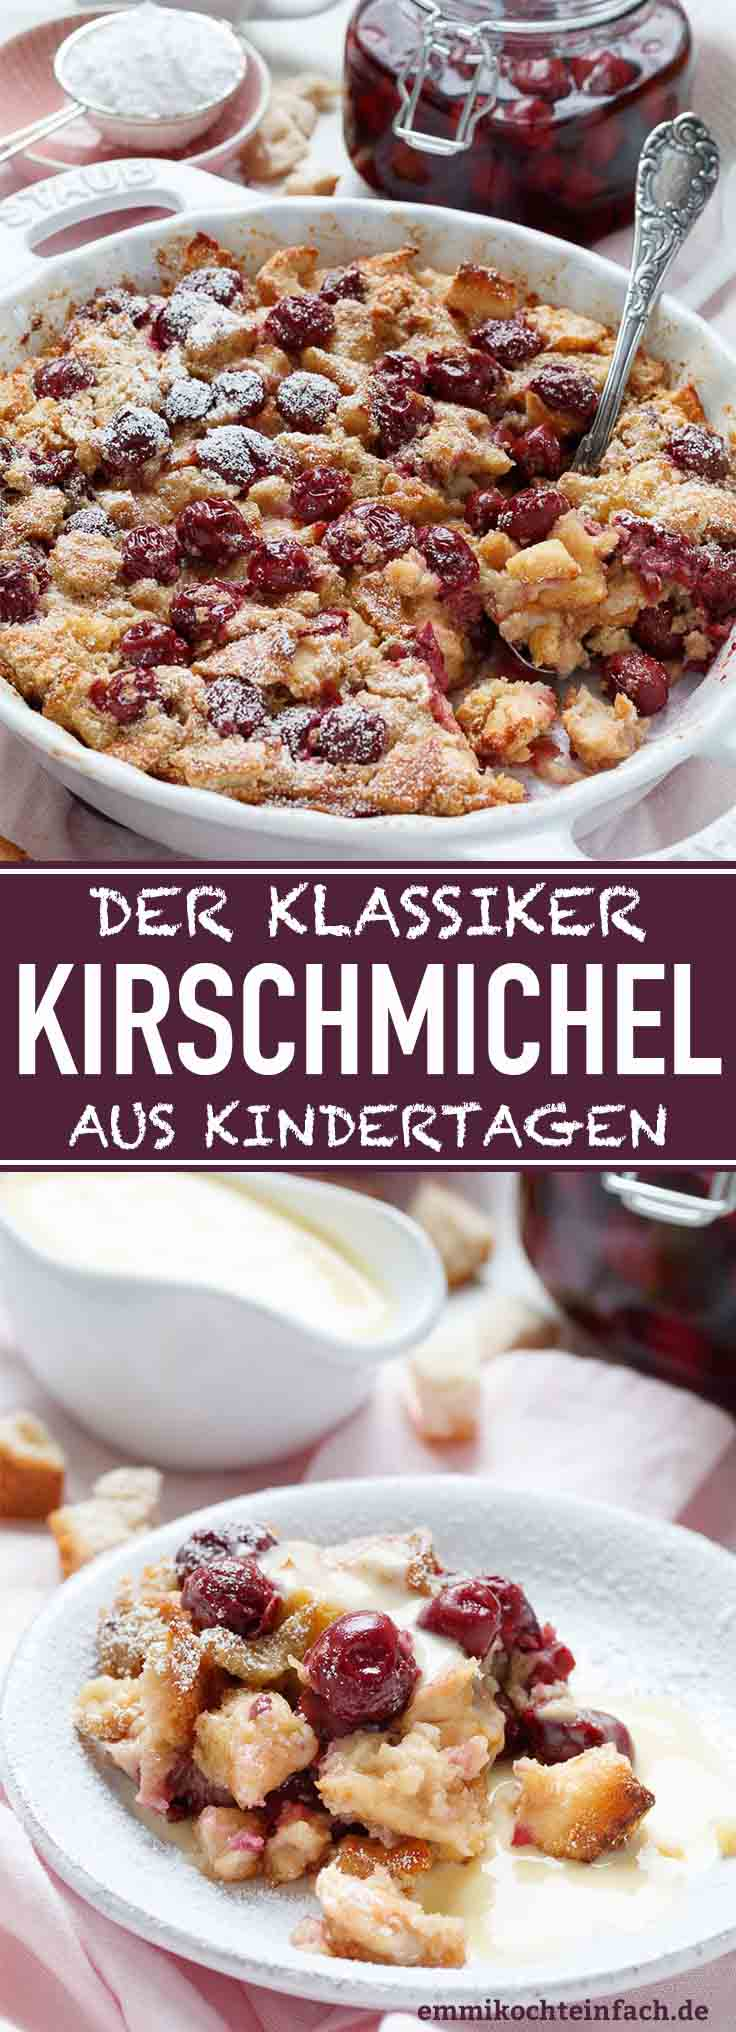 Omis Kirschmichel - www.emmikochteinfach.de